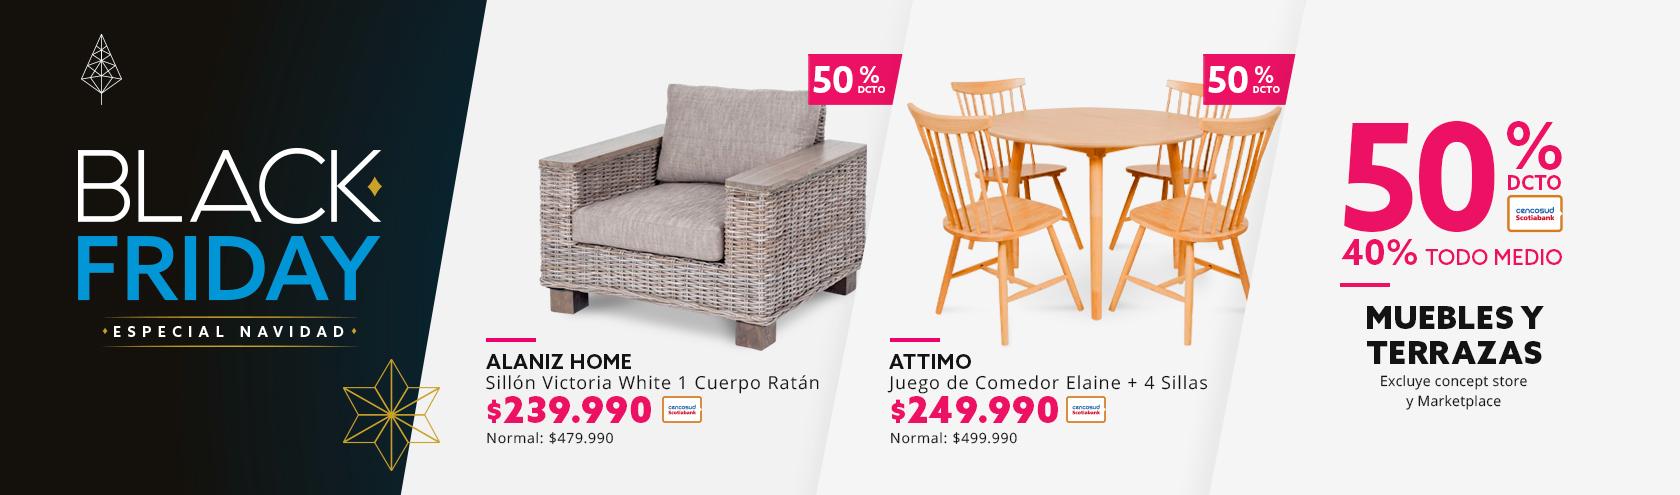 50/40 Muebles y terrazas. Excluye concept store y Marketplace.